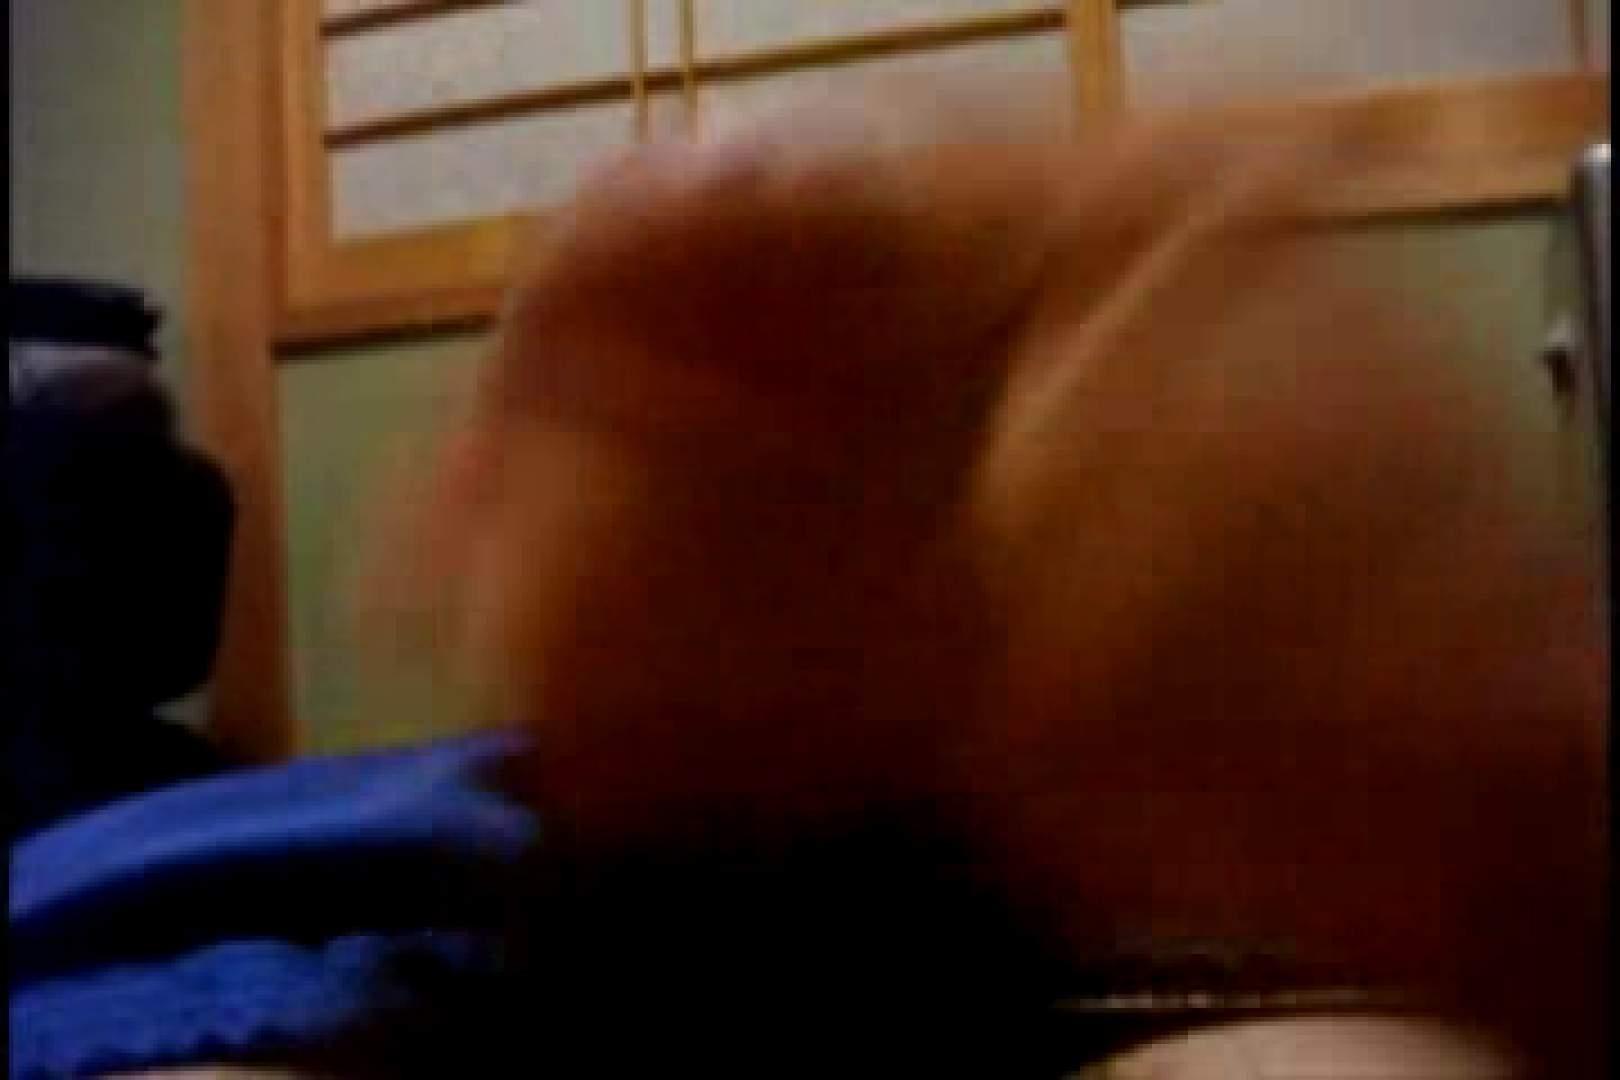 オナ好きノンケテニス部員の自画撮り投稿vol.02 流出  104pic 77